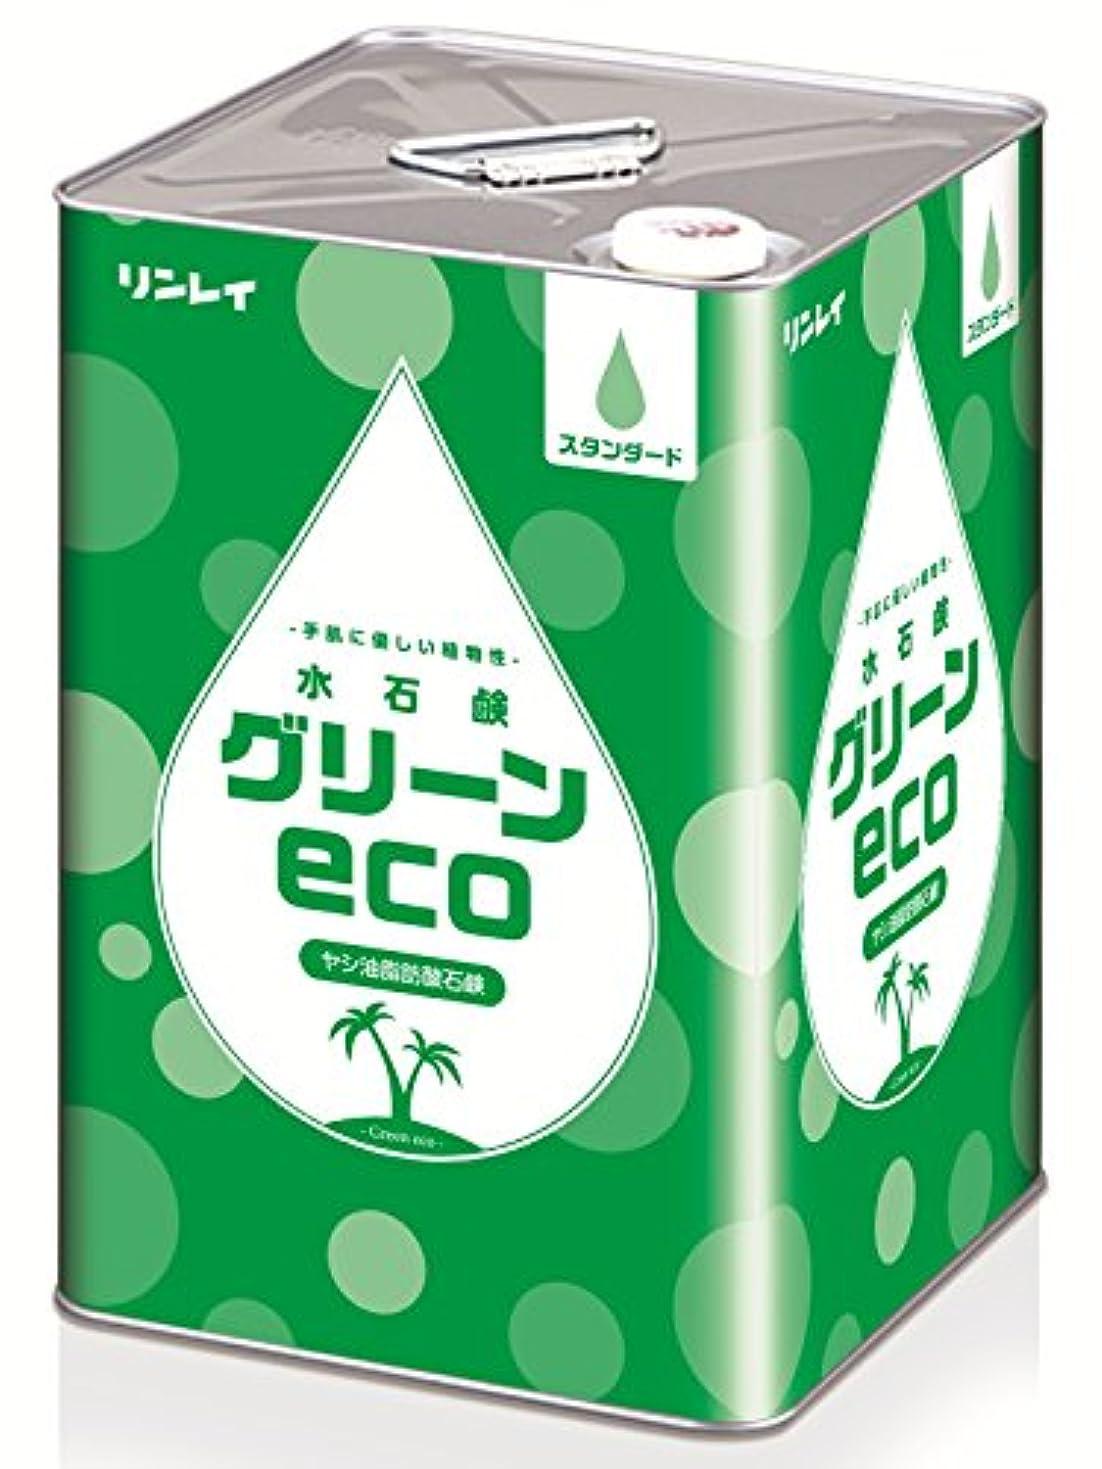 任命する木材評論家リンレイ 業務用 植物性ハンドソープ 水石鹸グリーンeco 18L